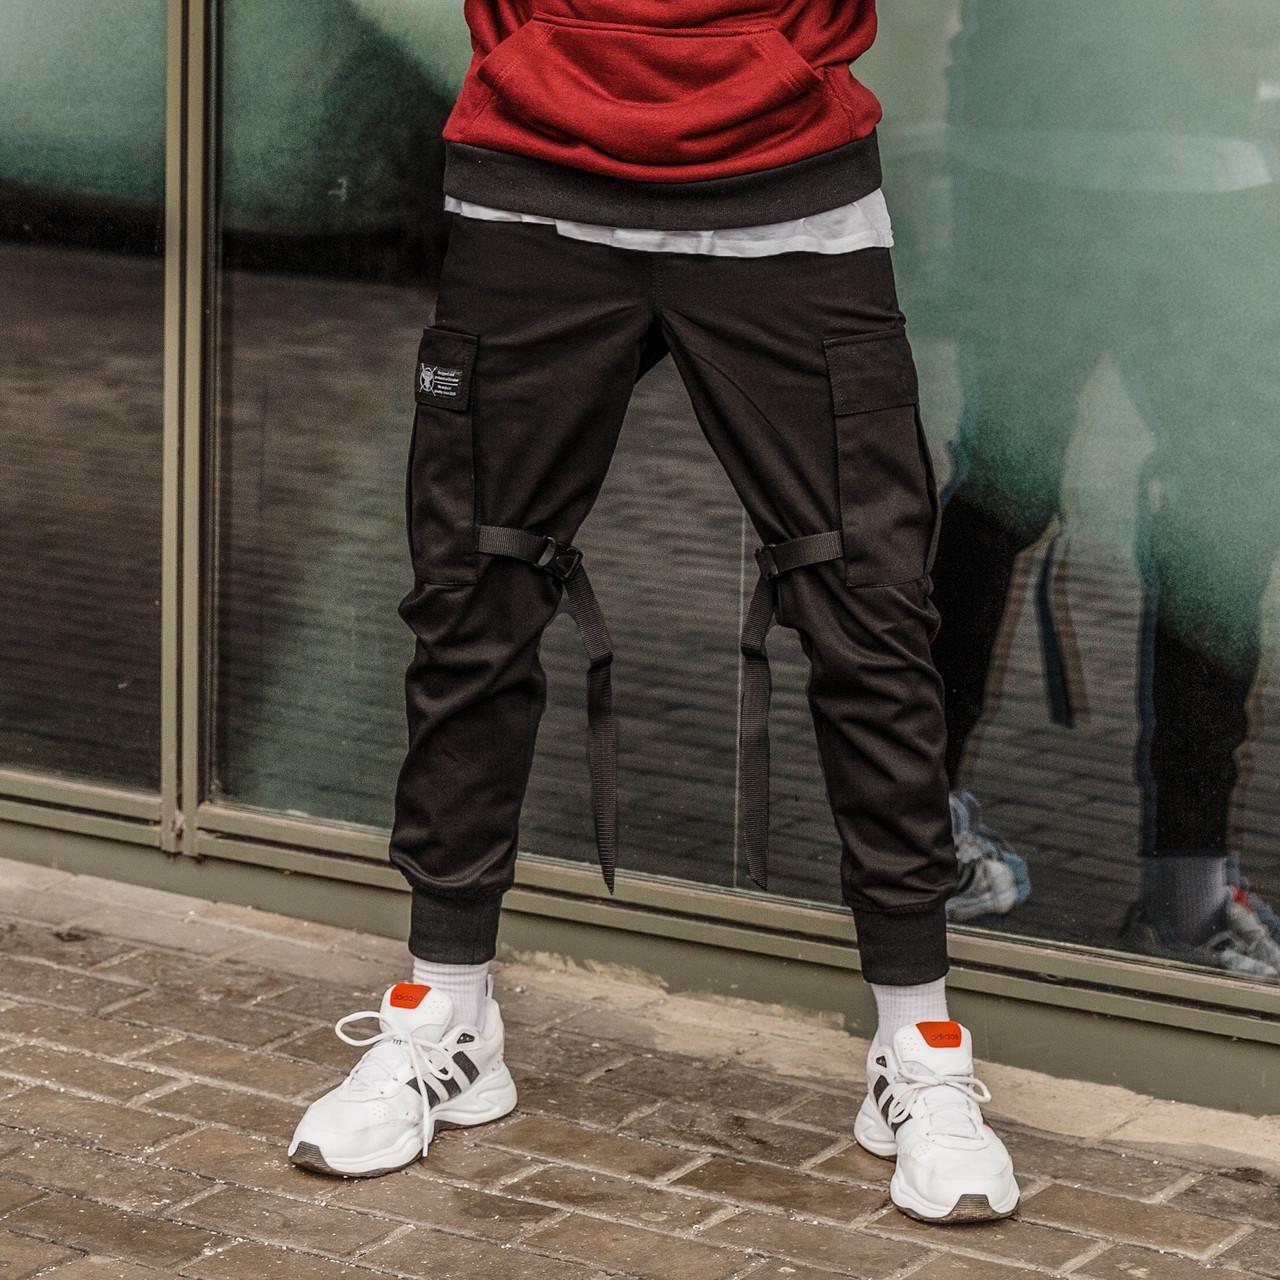 Зауженные карго штаны (джоггеры) с лямками черные мужские от бренда ТУР Ёсимицу (Yoshimitsu)